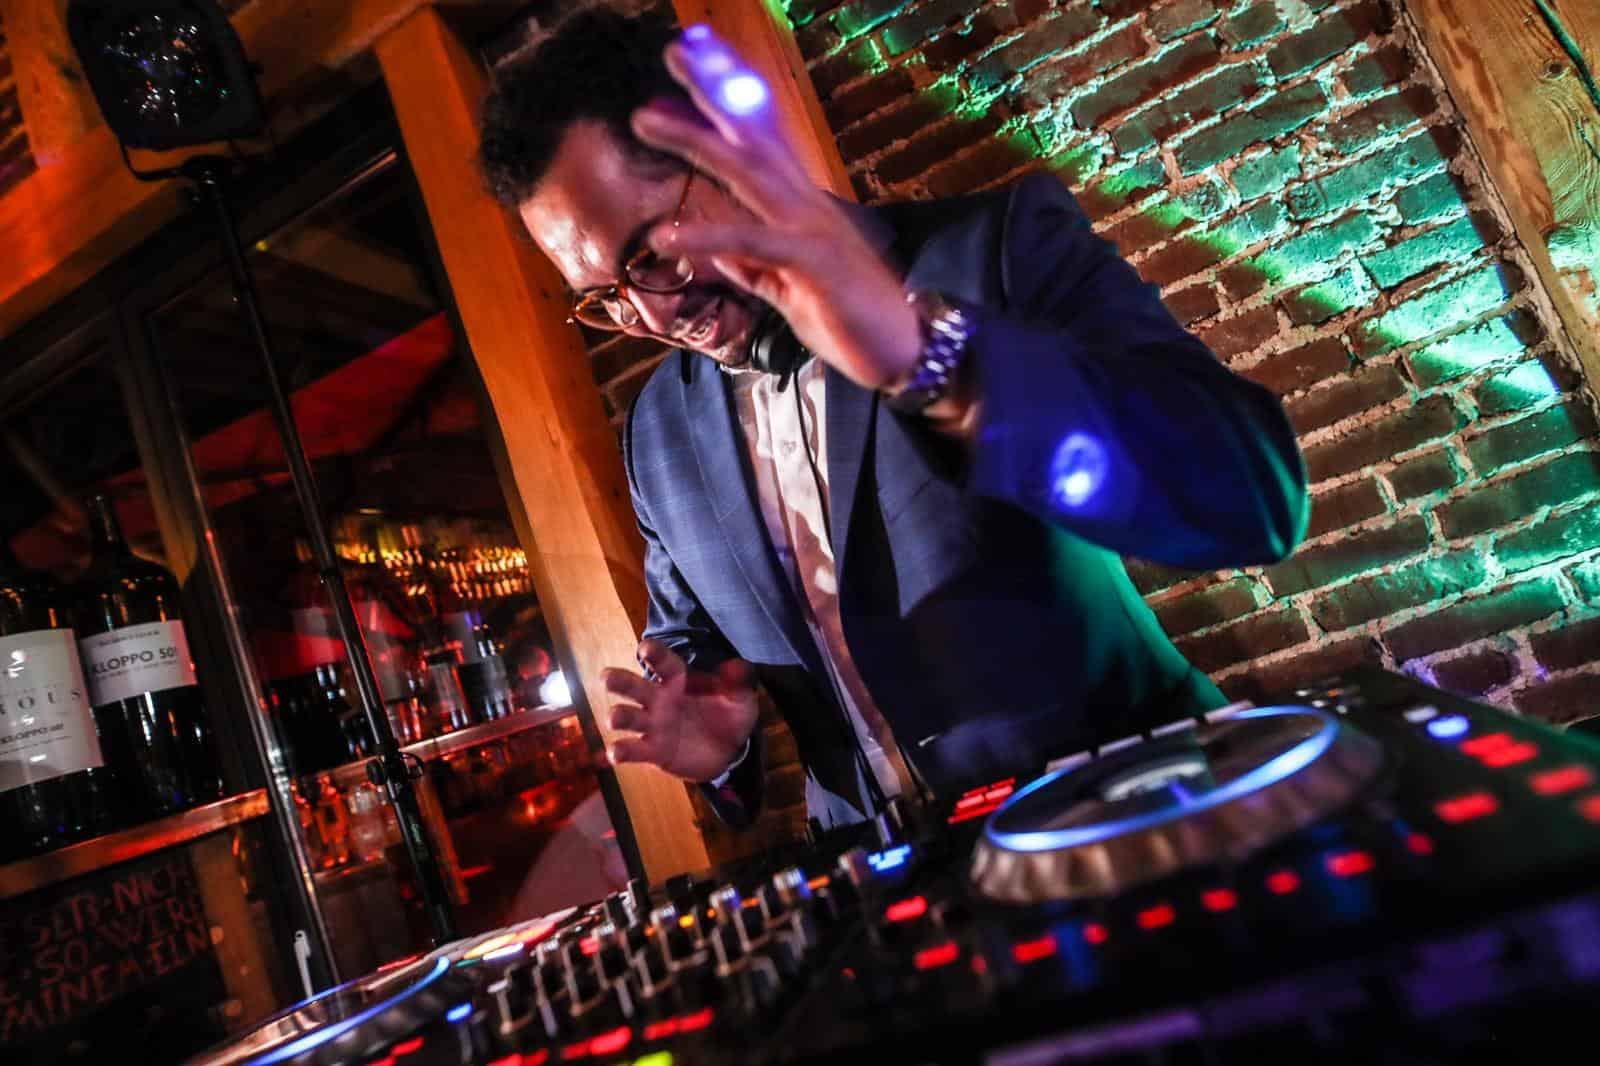 Die Playtime - Wann legt der Hochzeits-DJ los?